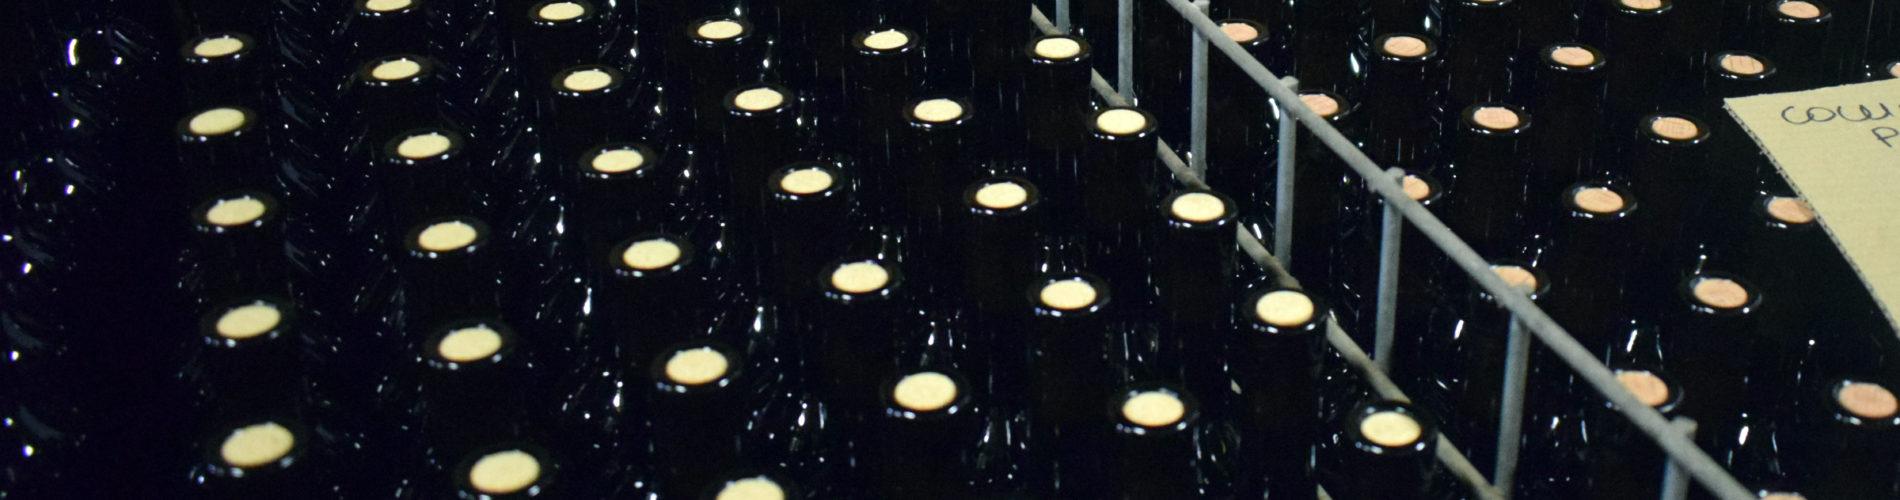 bottiglie anonime per commissioni di degustazione